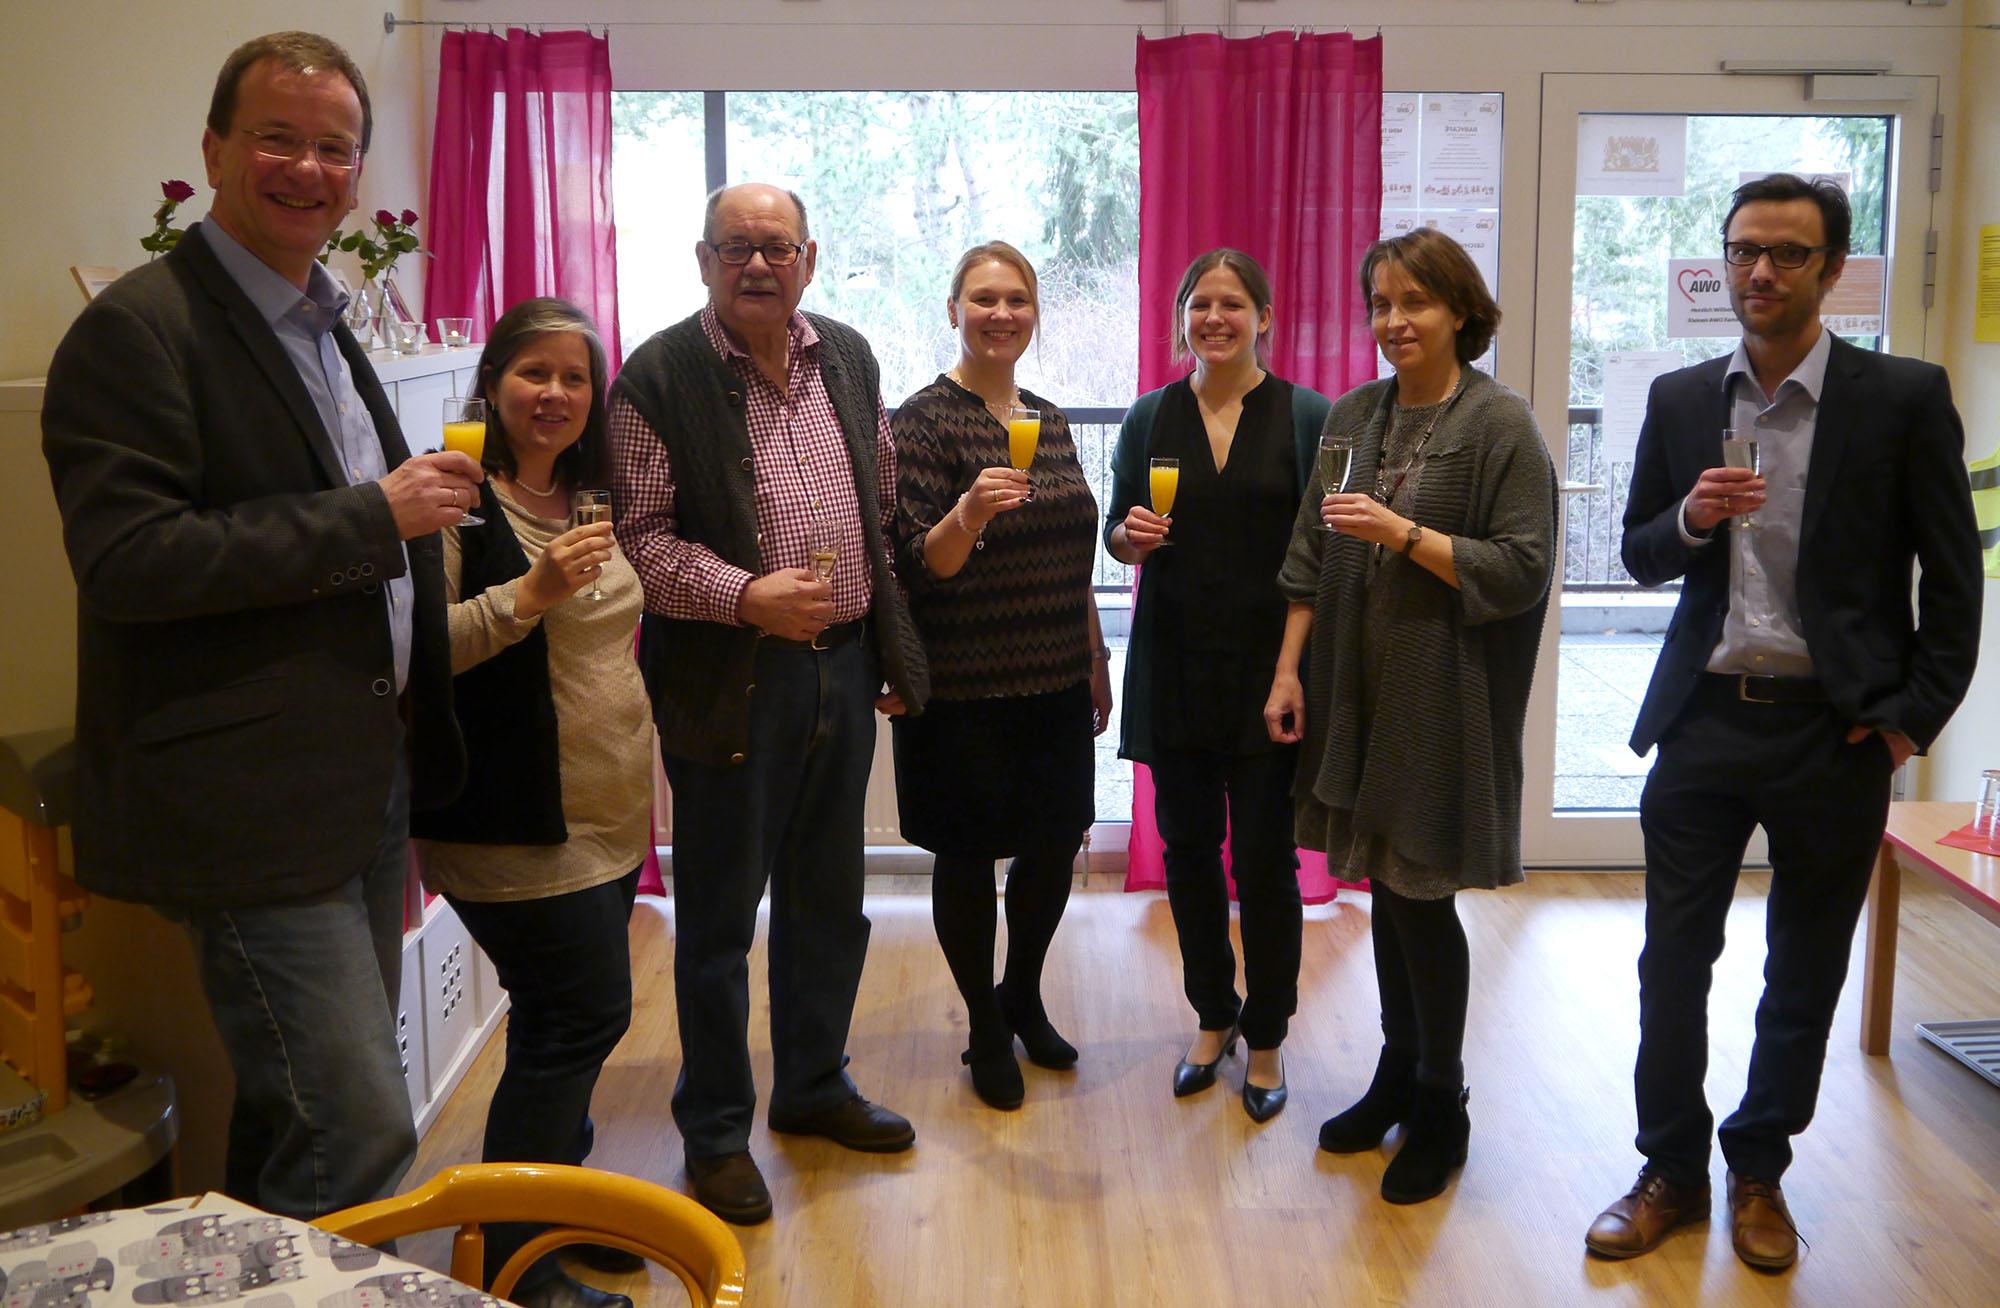 Eröffnung des kleinen Familiencaés im Mehrgenerationenhaus Zenja